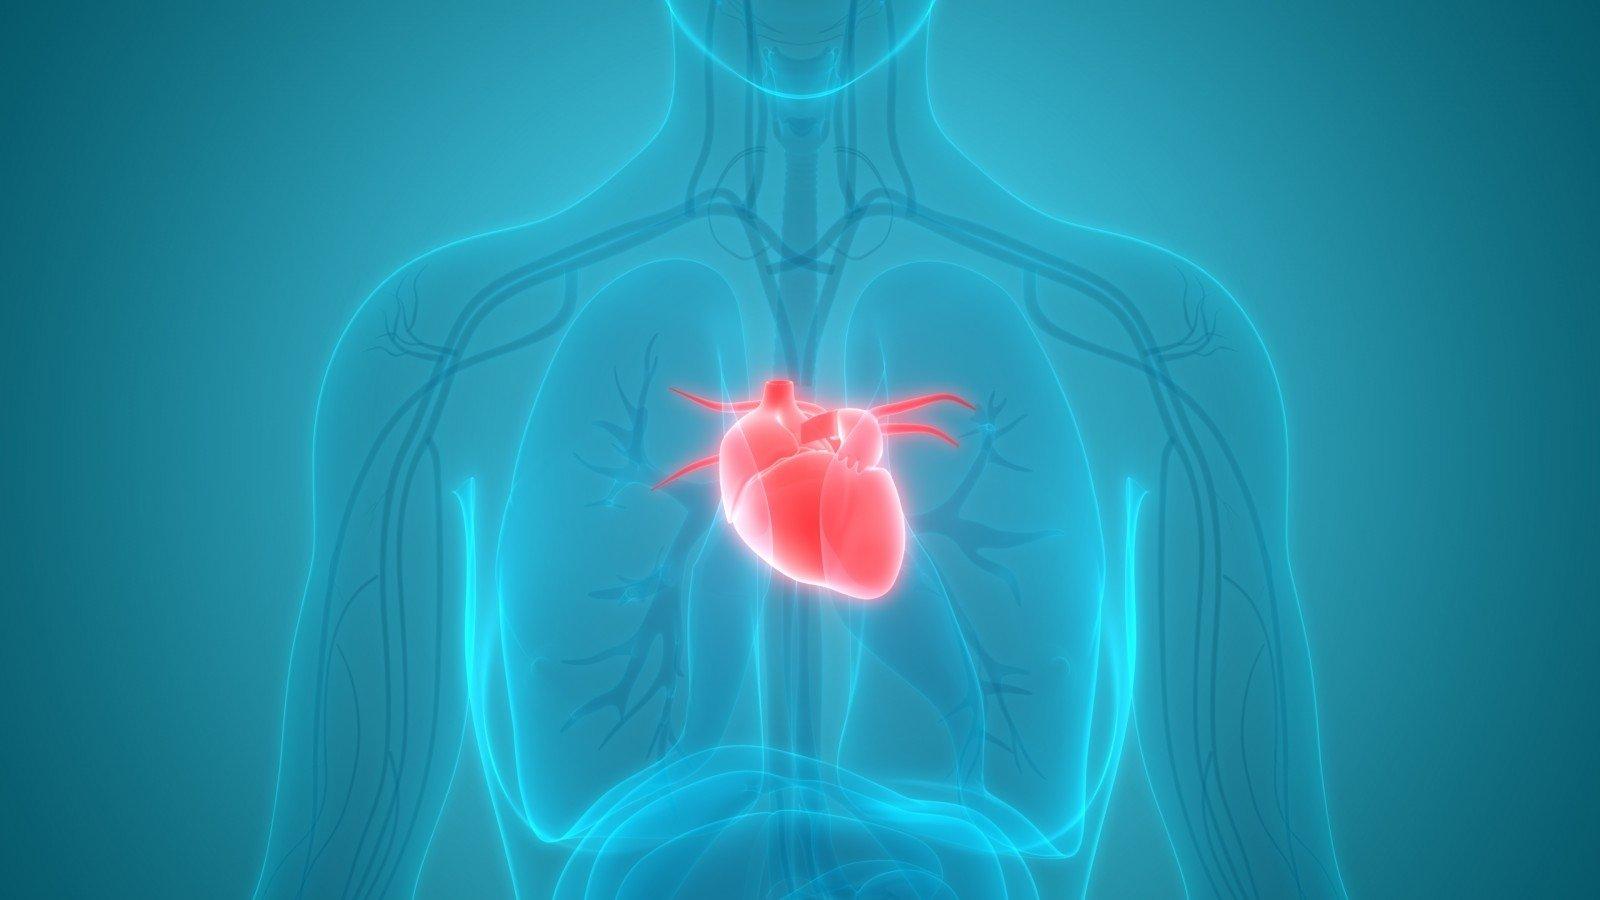 kaip nustoti vartoti tabletes nuo hipertenzijos geriausios maistinės medžiagos širdies sveikatai